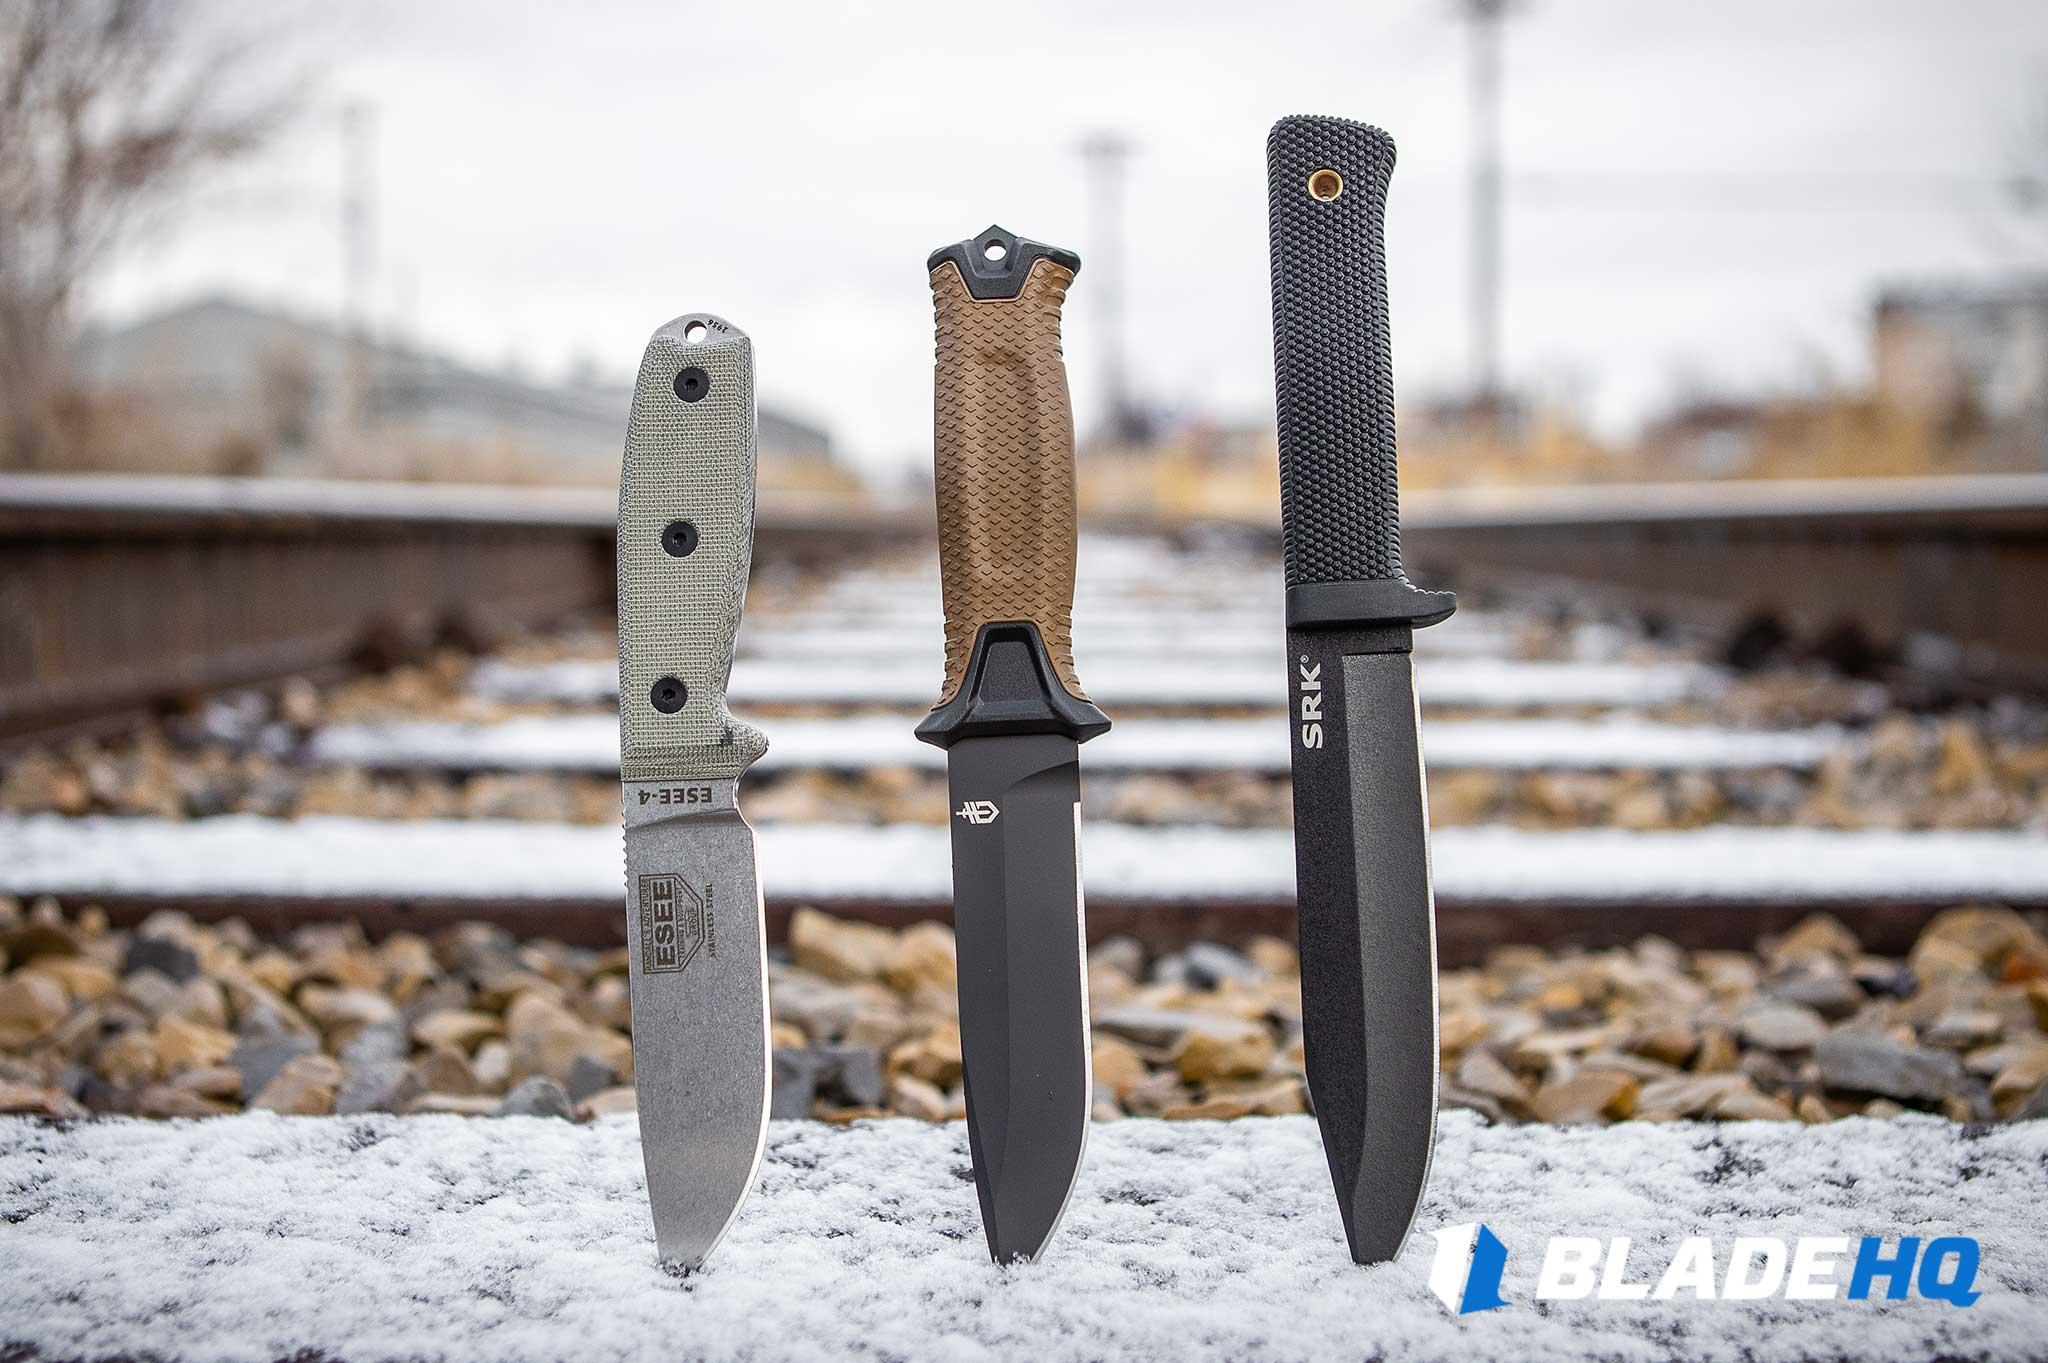 Survival Knives - Materials